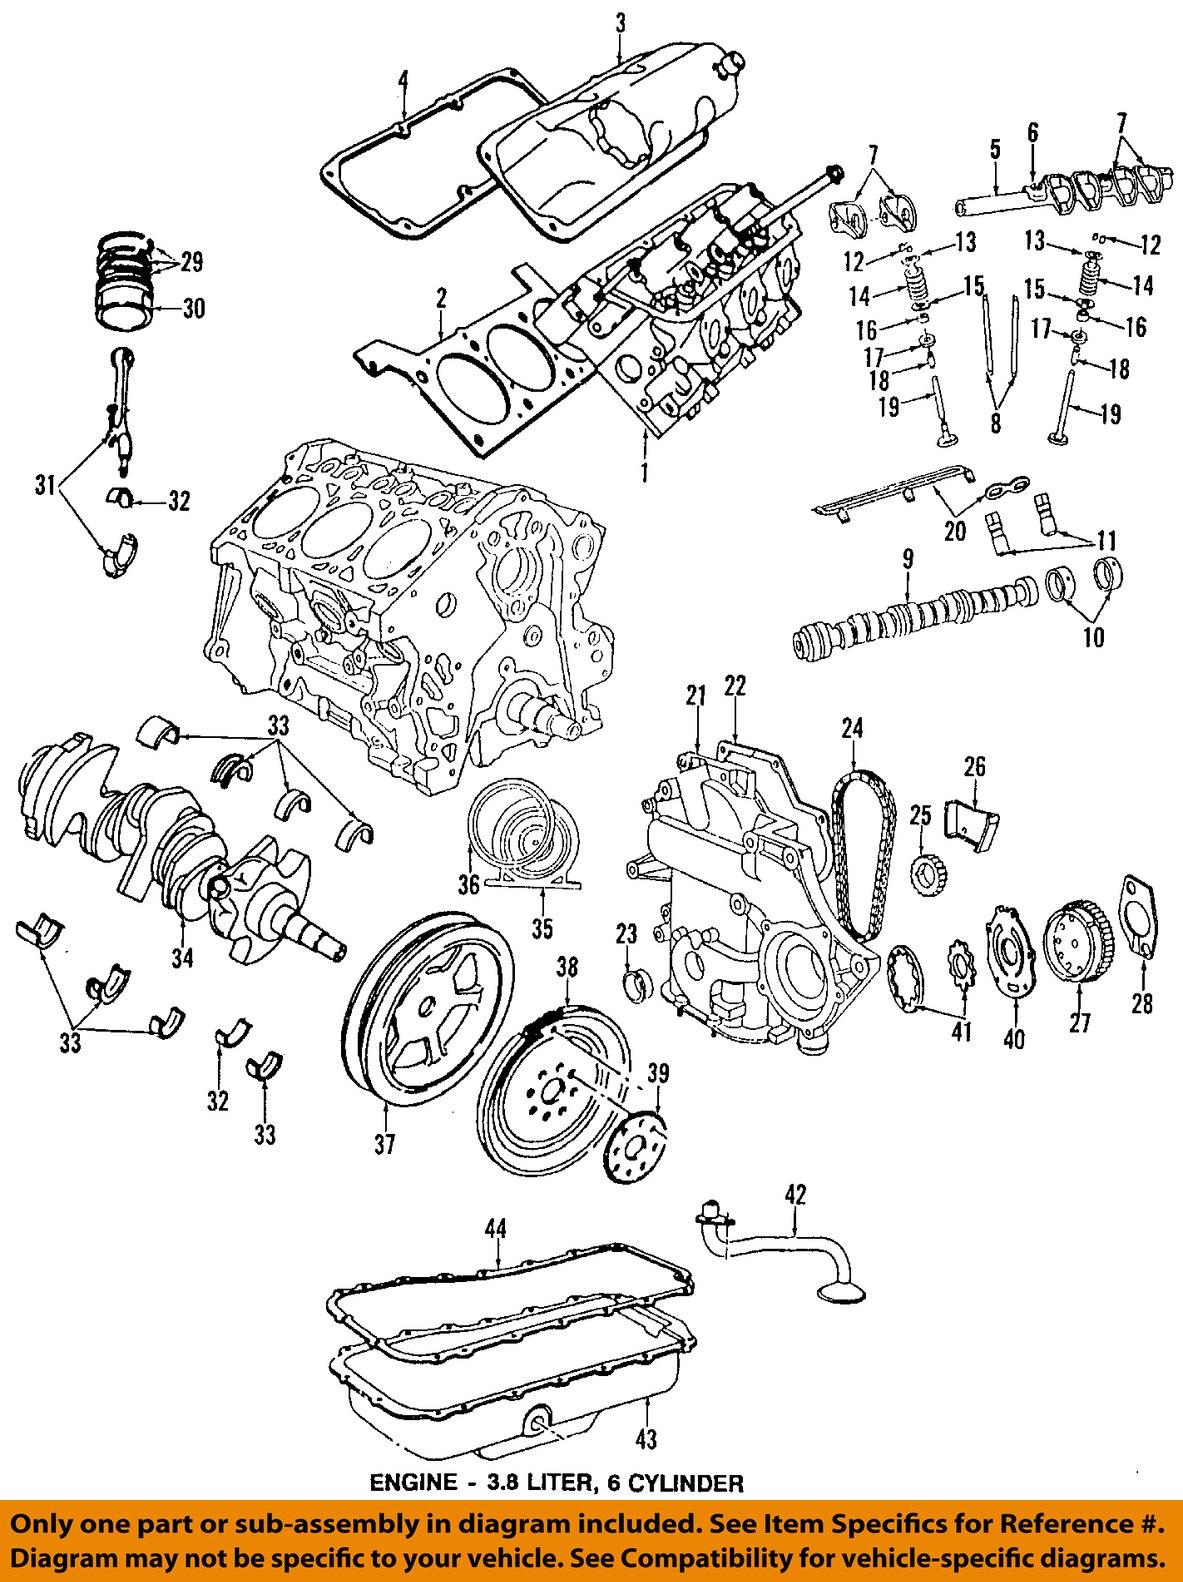 chrysler oem-valve cover gasket 4648987aa | ebay  ebay